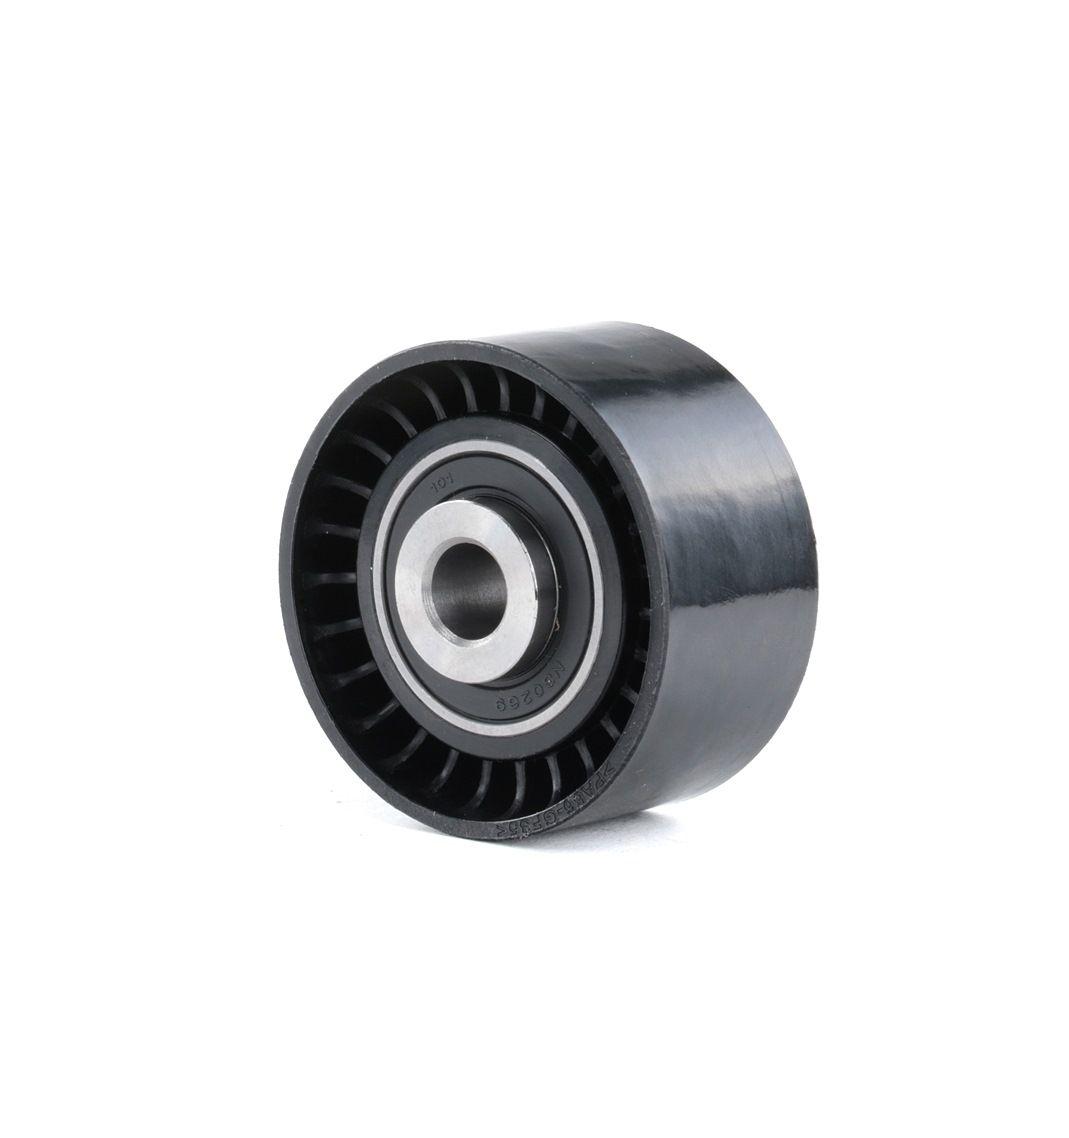 SKDGP-1100077 STARK Umlenkrolle Zahnriemen SKDGP-1100077 günstig kaufen